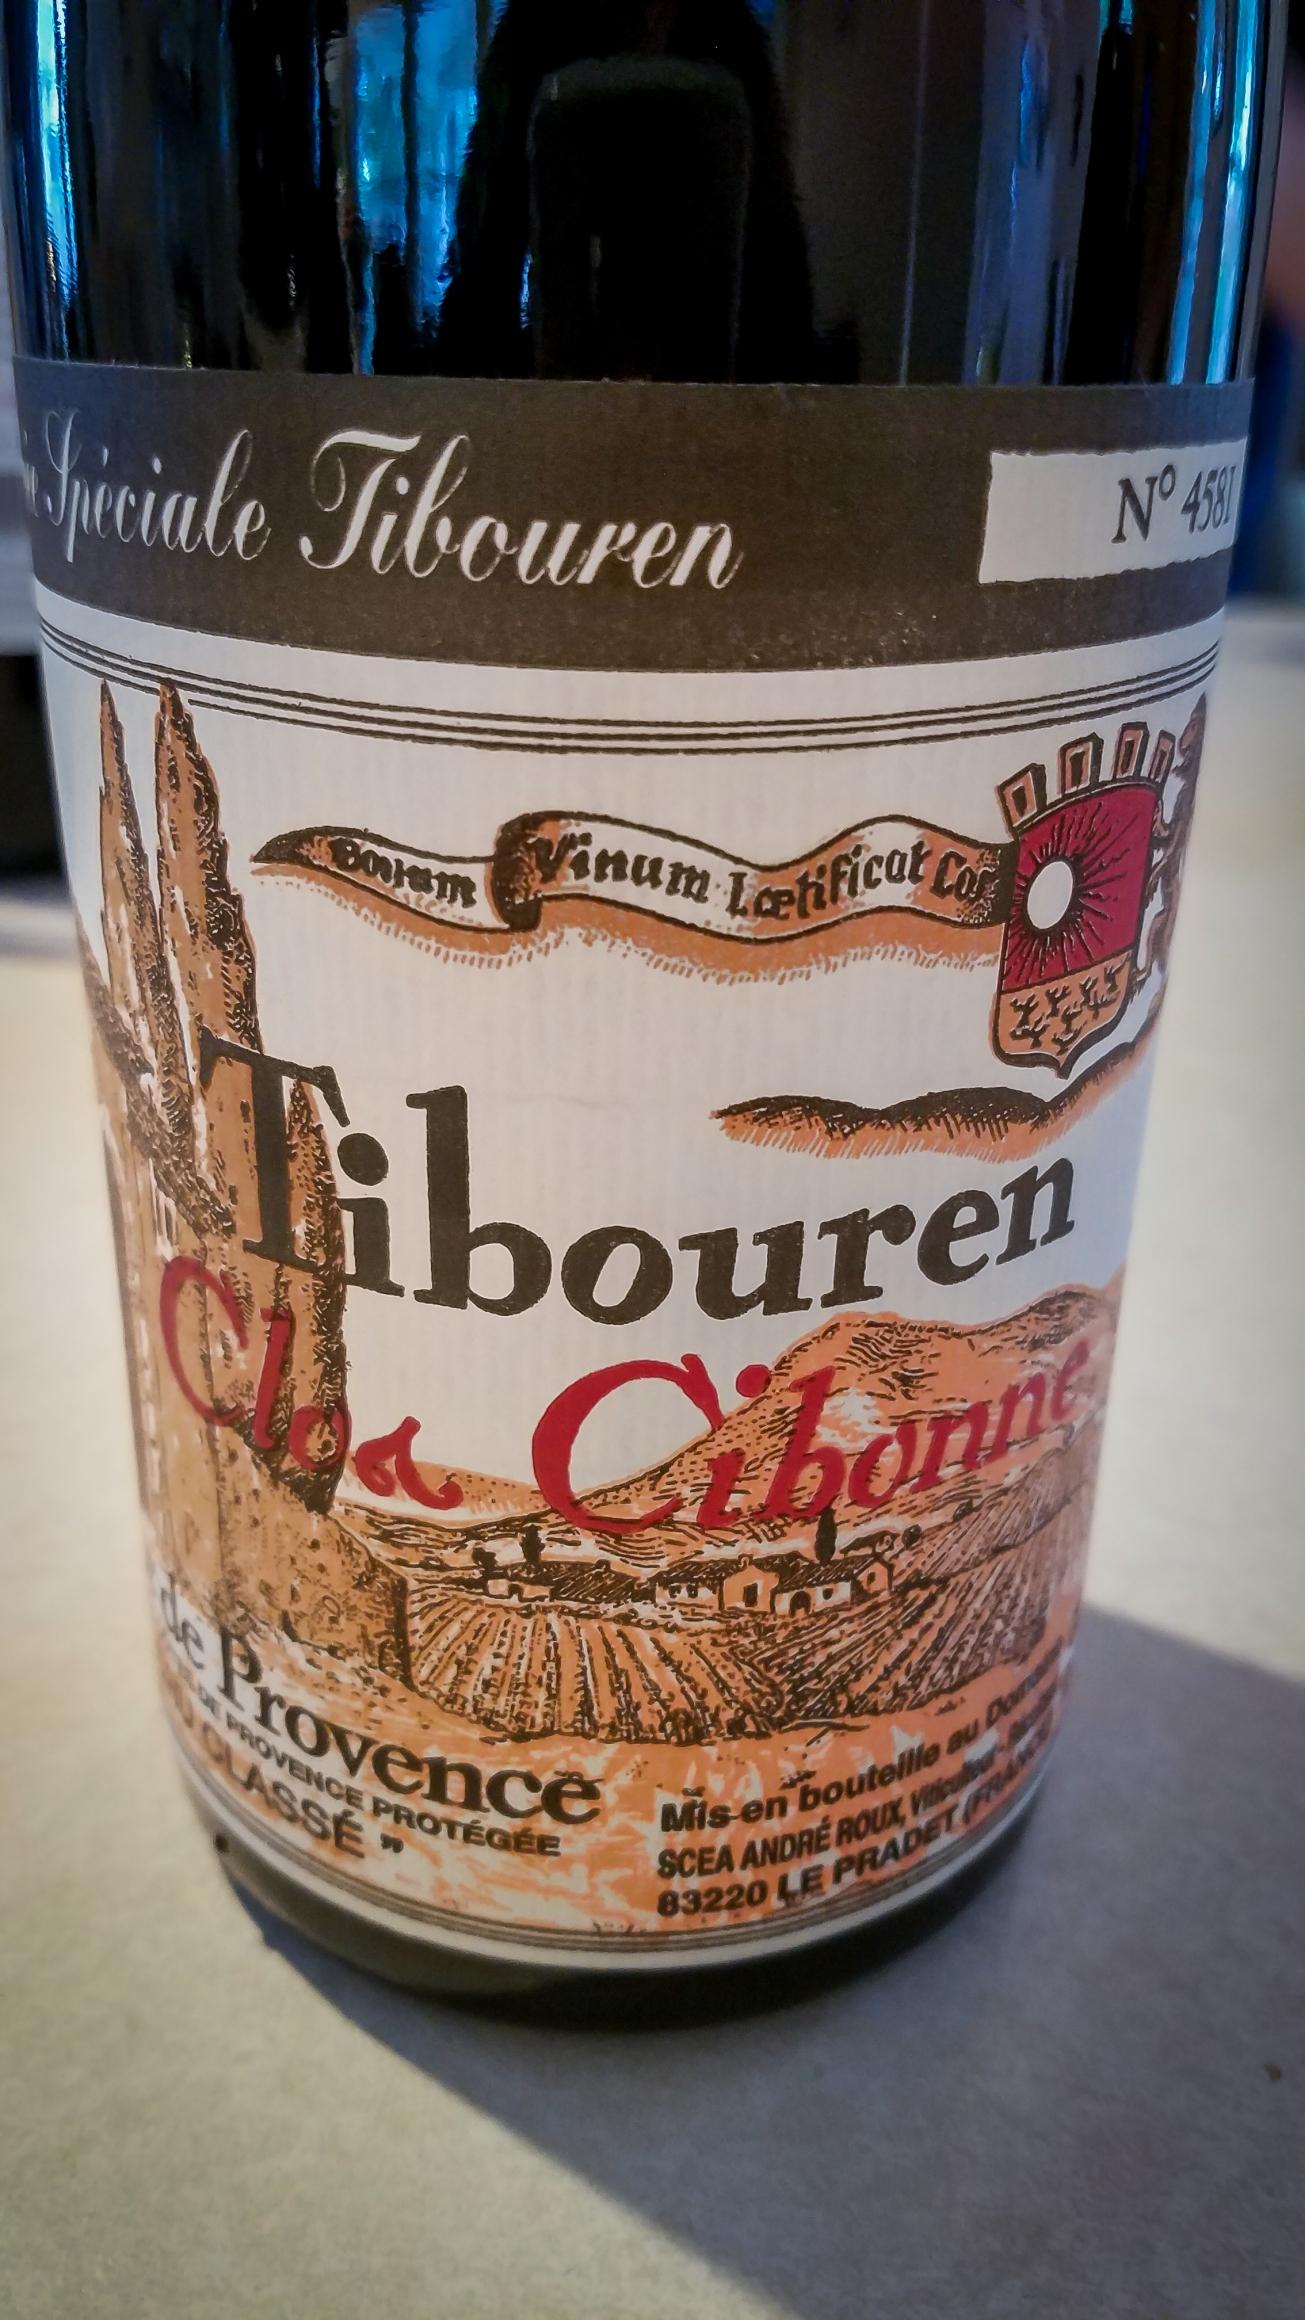 2014 Clos Cibonne Tibouren Côtes de Provence Cuvée Spéciale